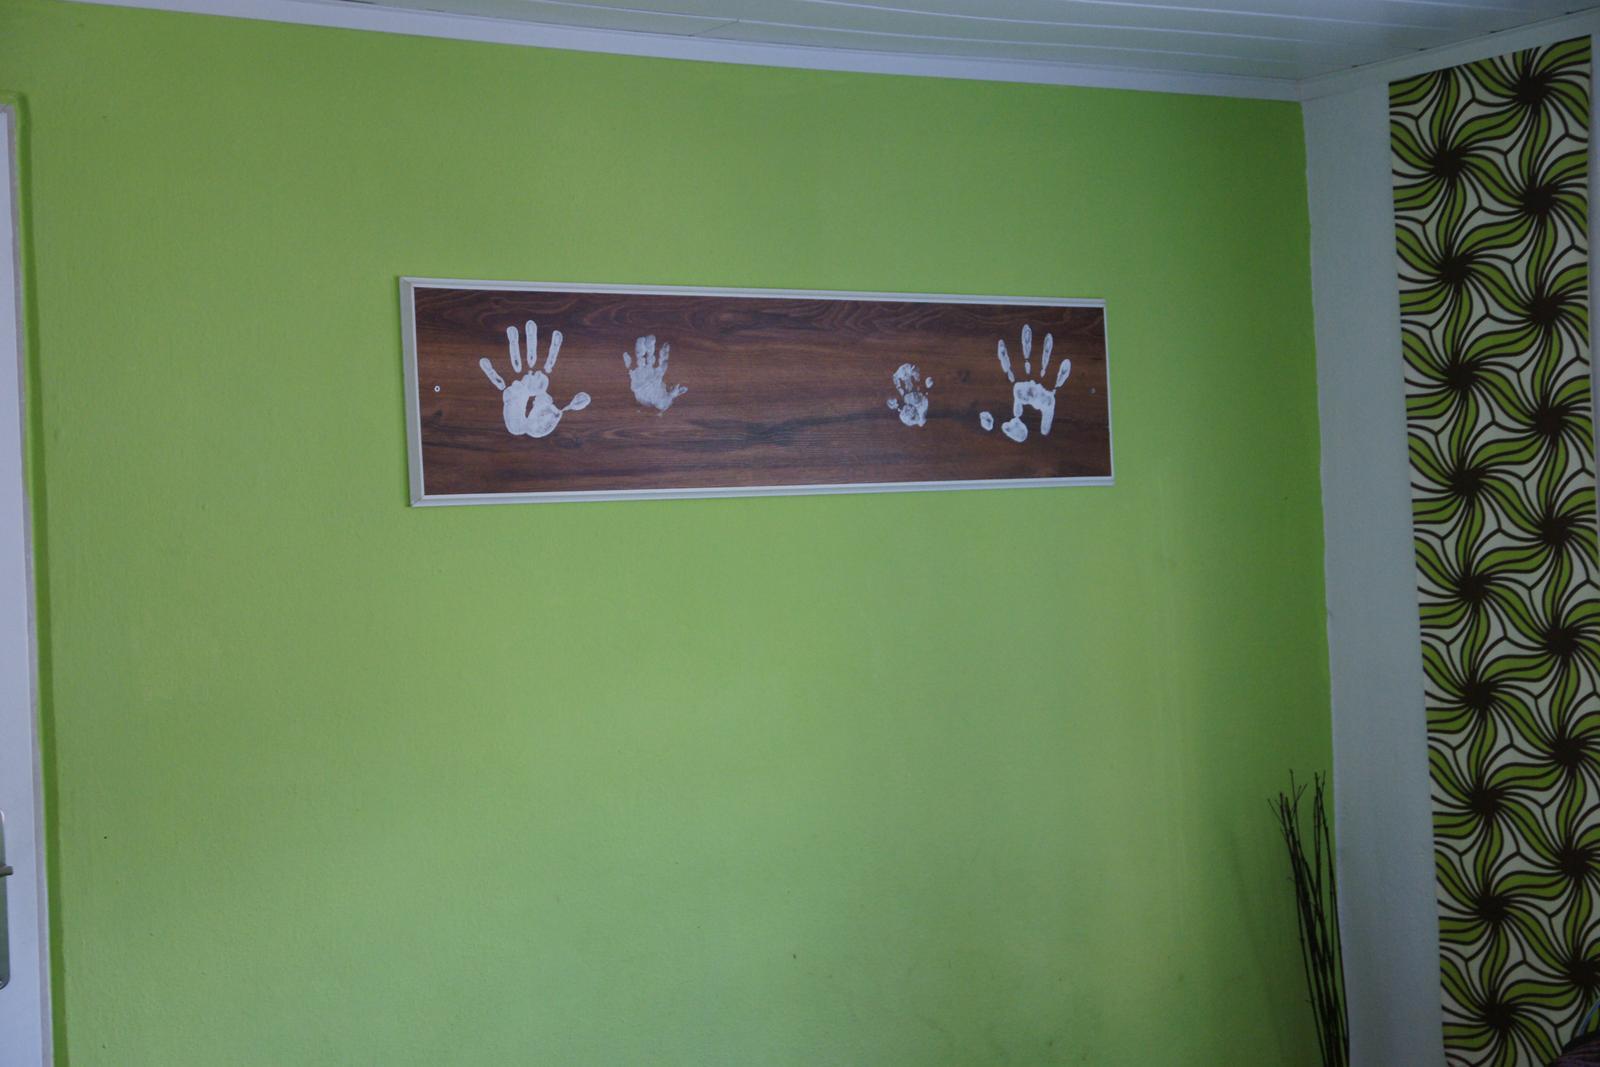 Předěláváme ložnici - konečně přibyla i Adámkova ručička